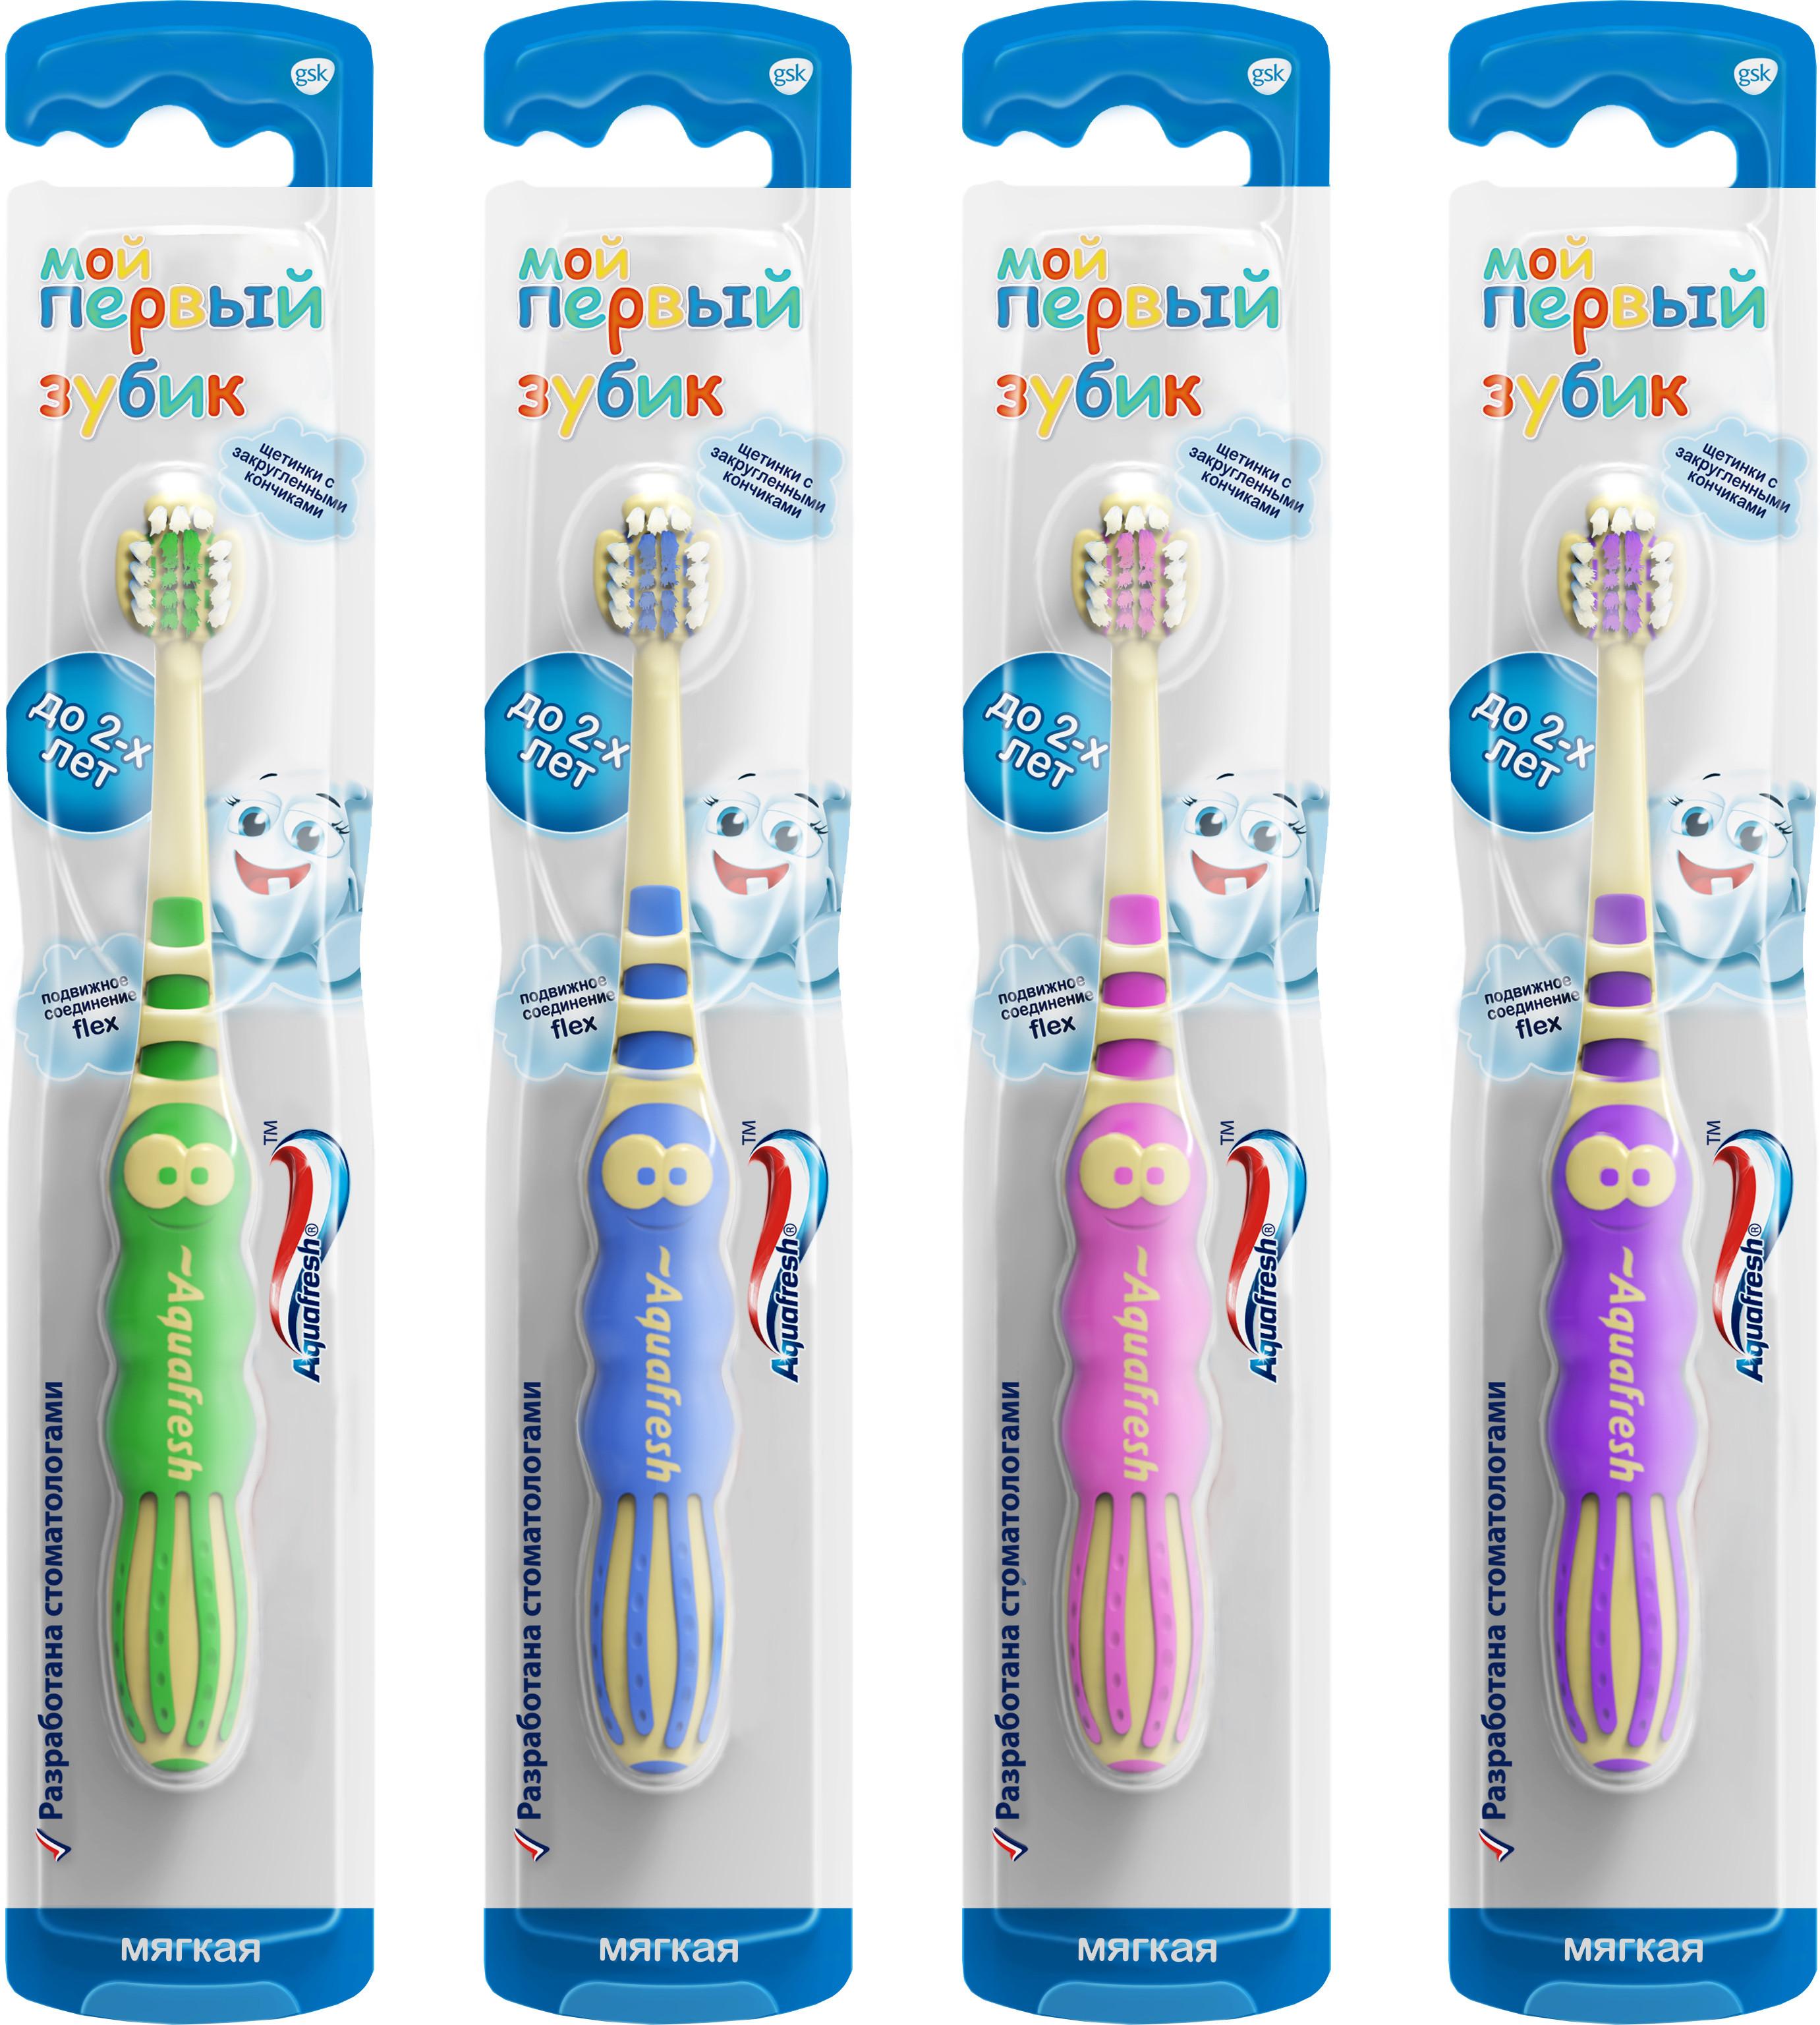 Зубная щетка Aquafresh Мой первый зубик 0-2 лет цены онлайн